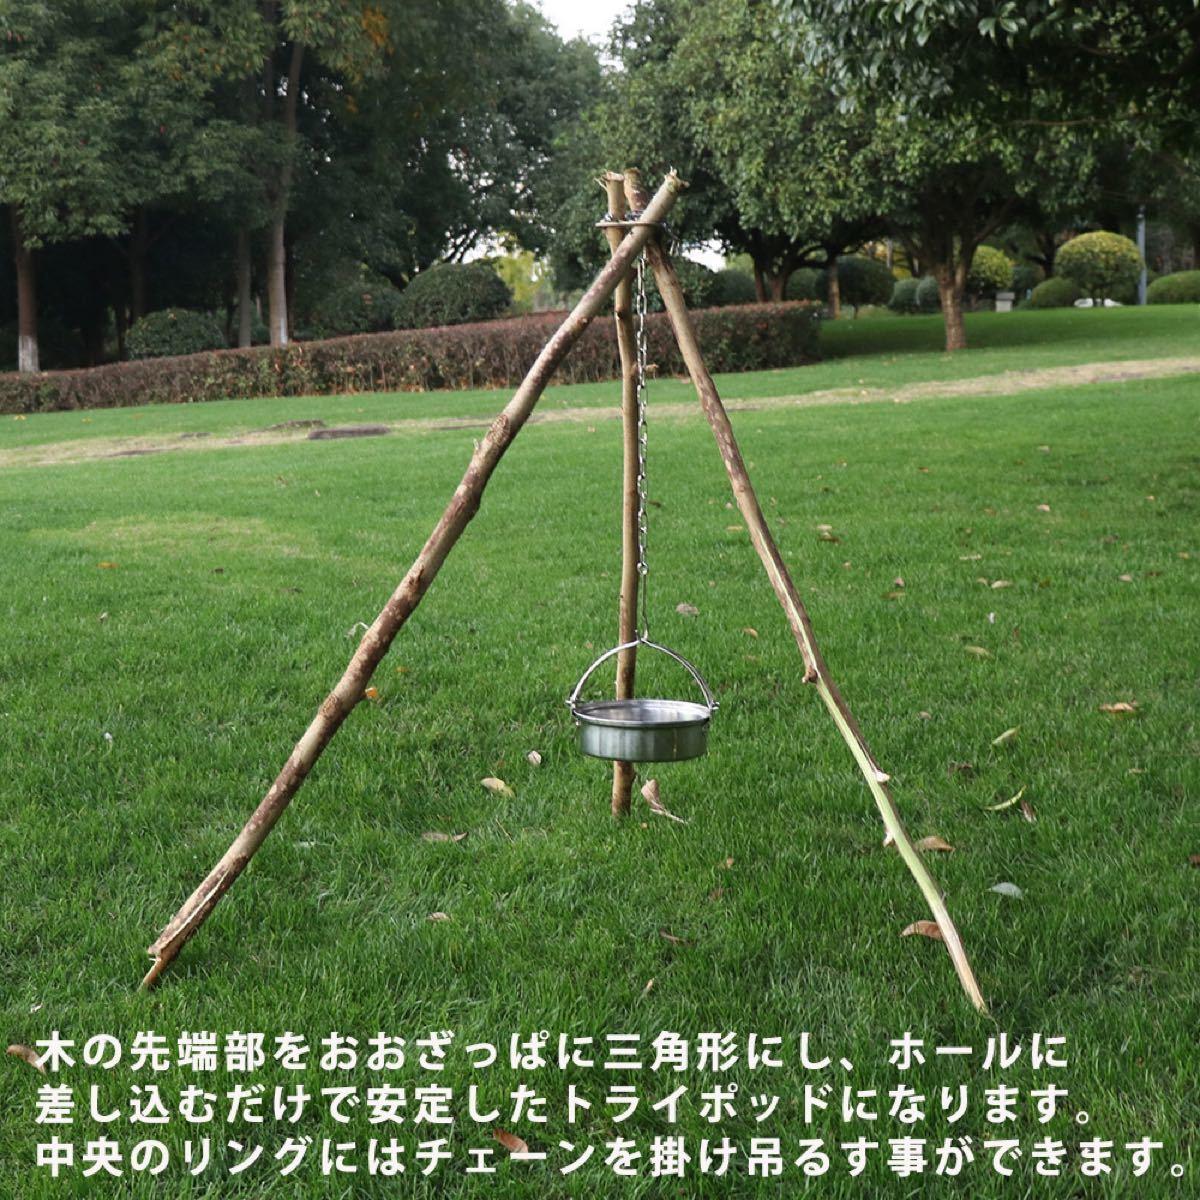 トライポッド 焚き火 三脚 チェーン 収納袋付き ソロキャンプ スタンド 枝木